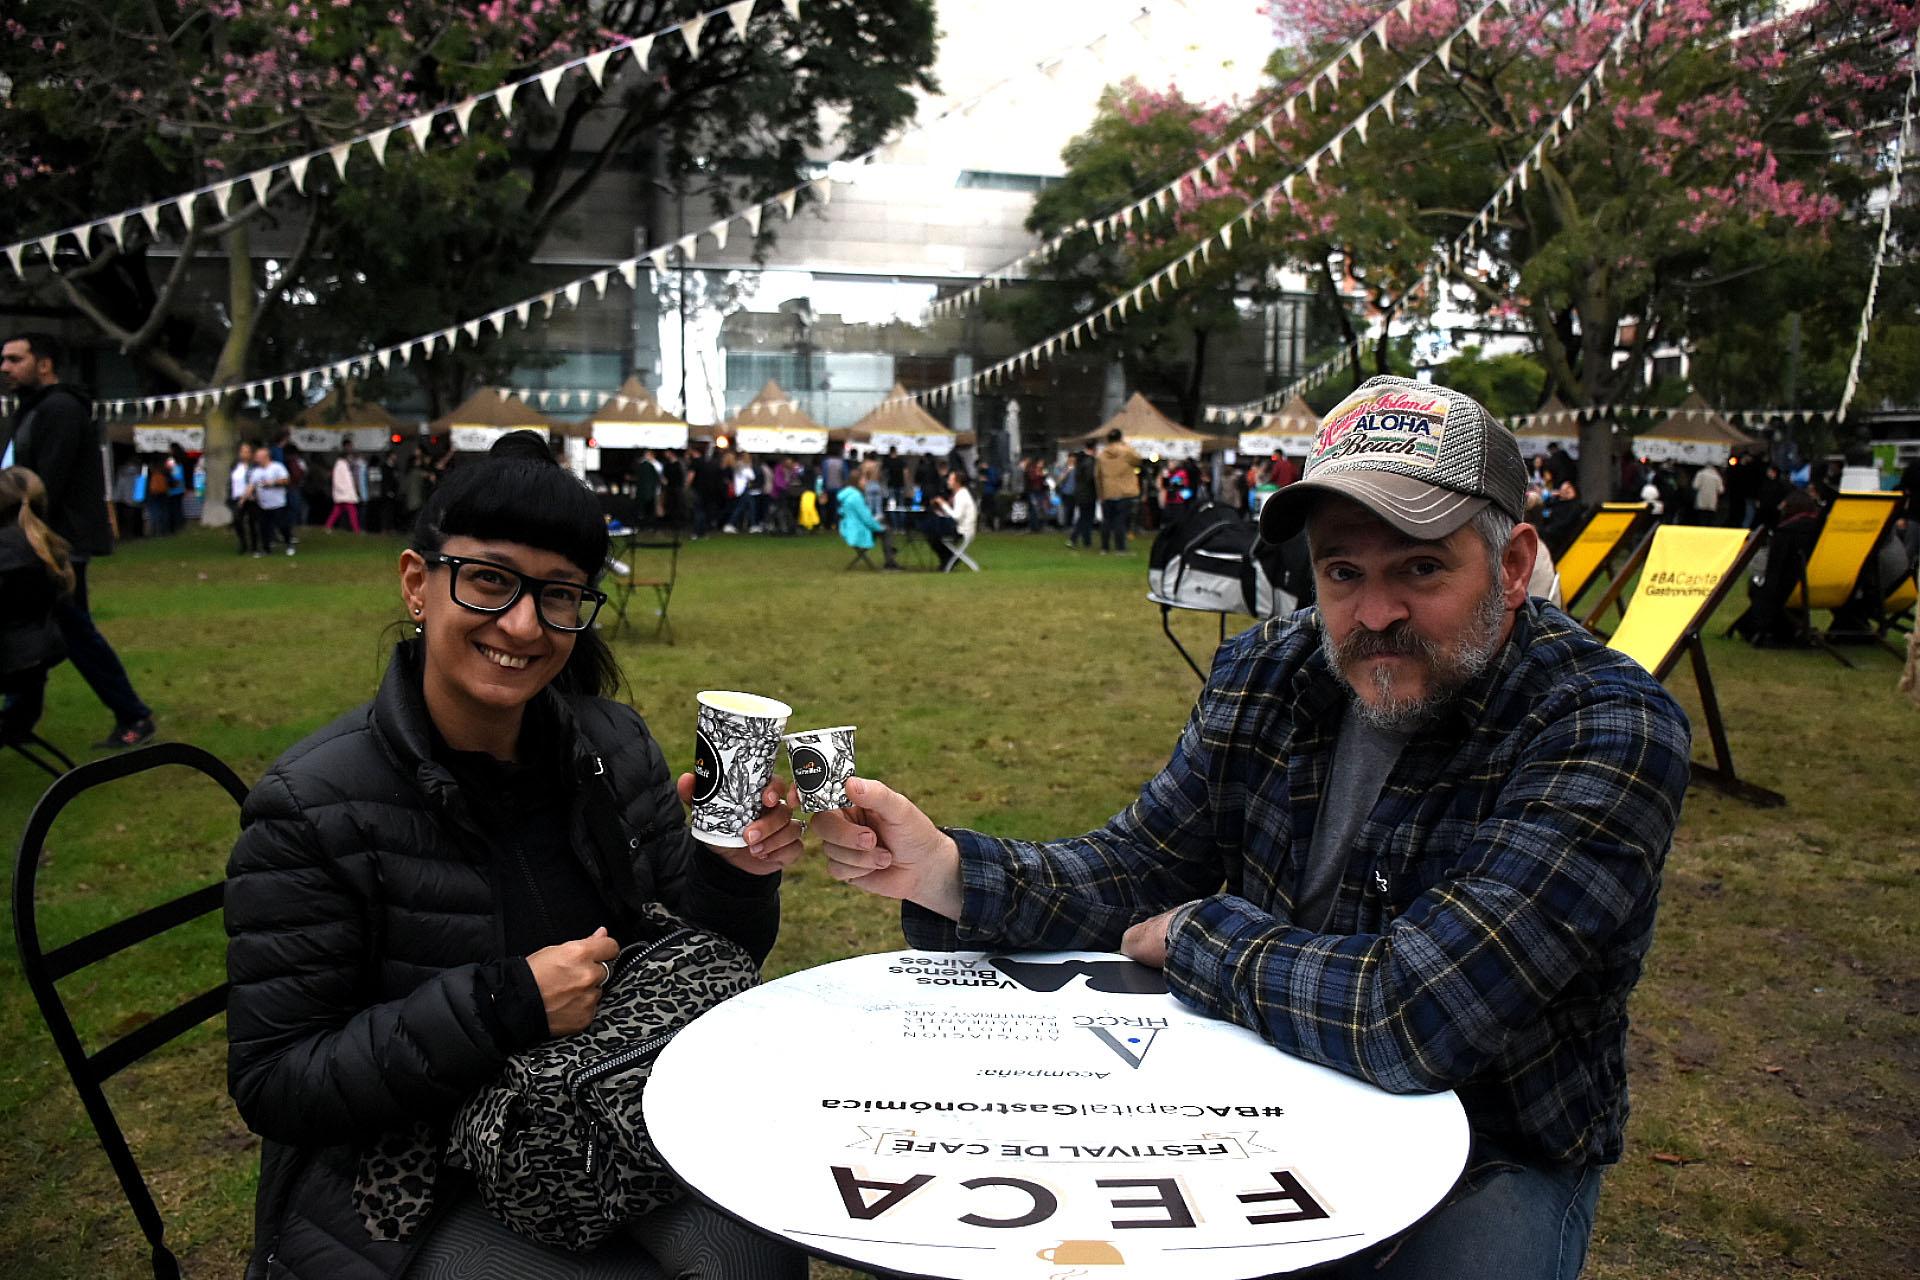 Una salida en pareja. Expresso y latte. Son dos de los más pedidos por los argentinos a la hora de tomar café y todos los puestos lo sirven. Hay de diferentes tamaños y precios. También acompañados por delicatessen dulces